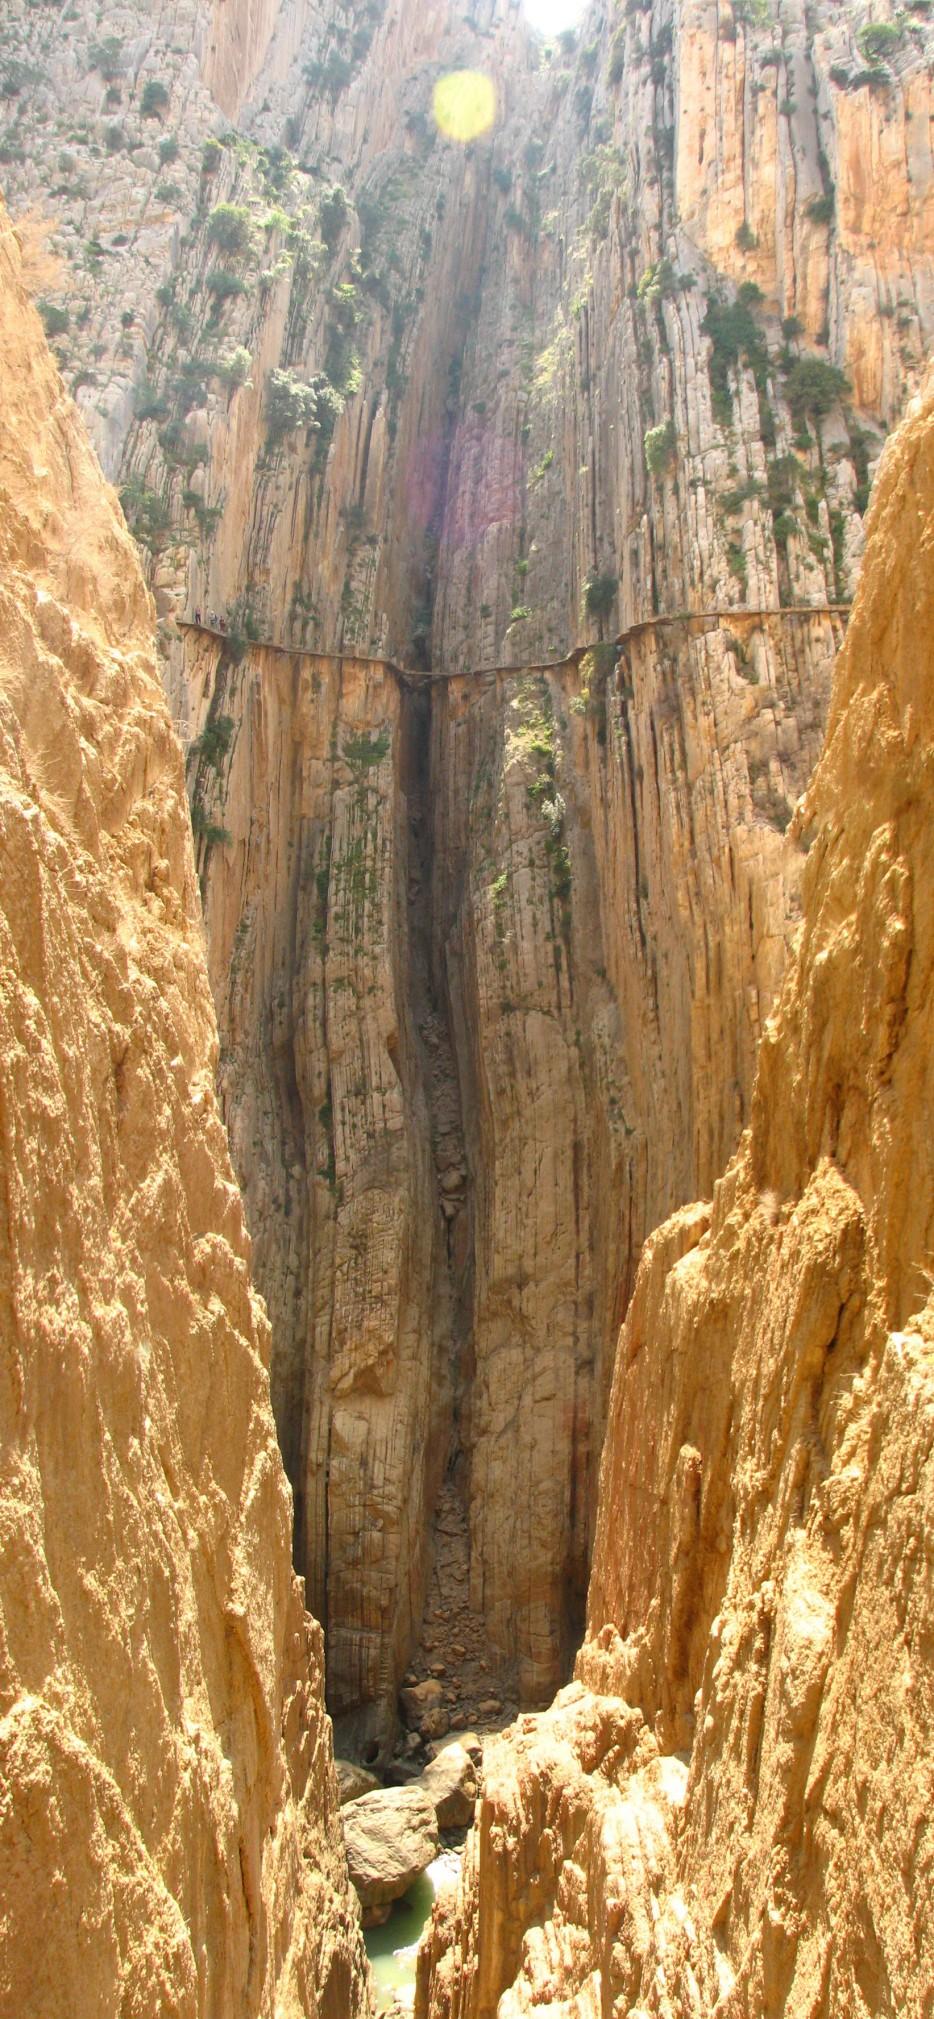 8a-El Caminito del Rey Malaga Spain